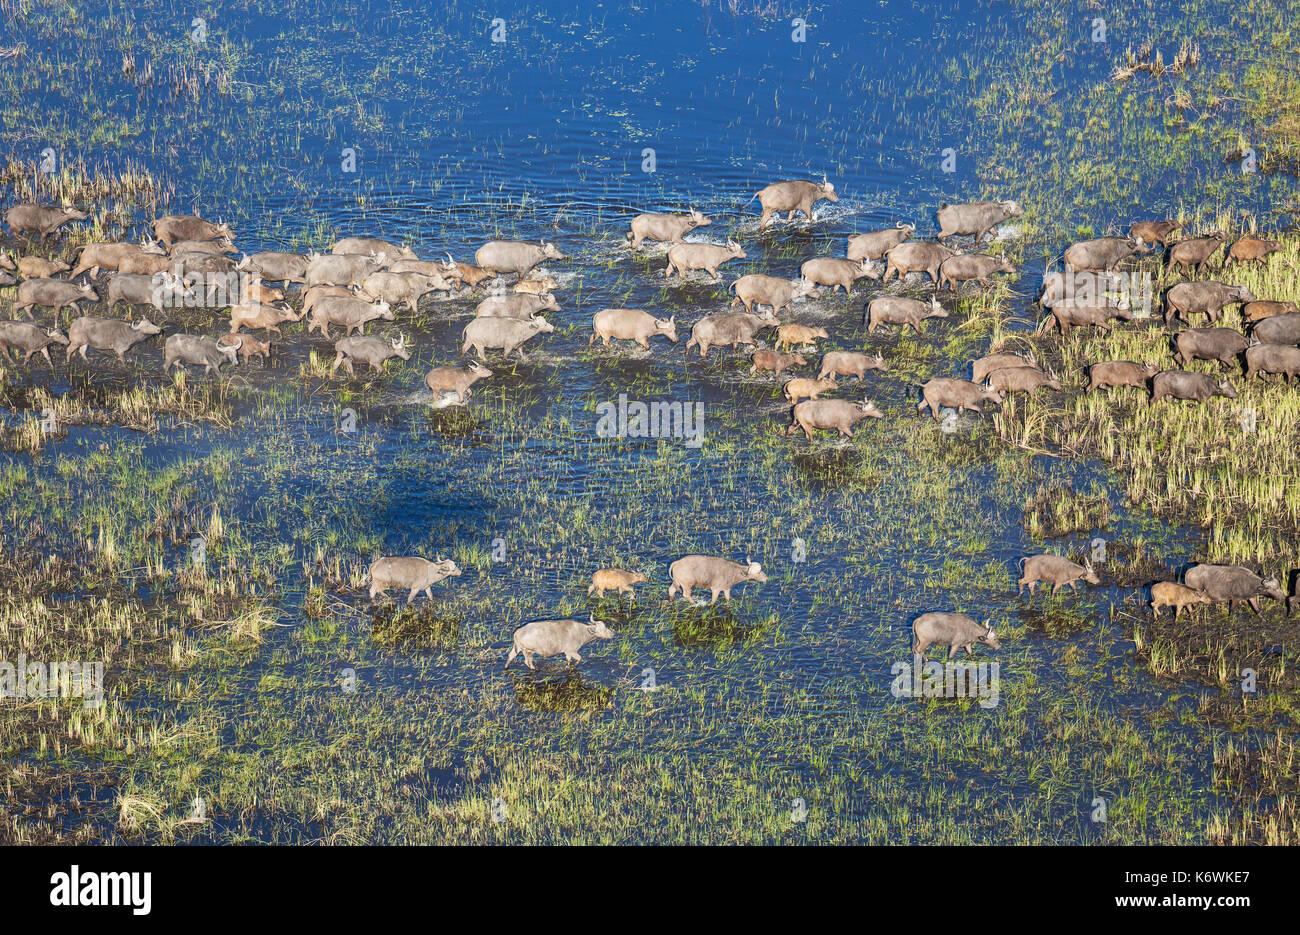 Bufali (syncerus caffer caffer), attraversando una zona di palude, vista aerea, Okavango Delta, Moremi Game Reserve, Foto Stock